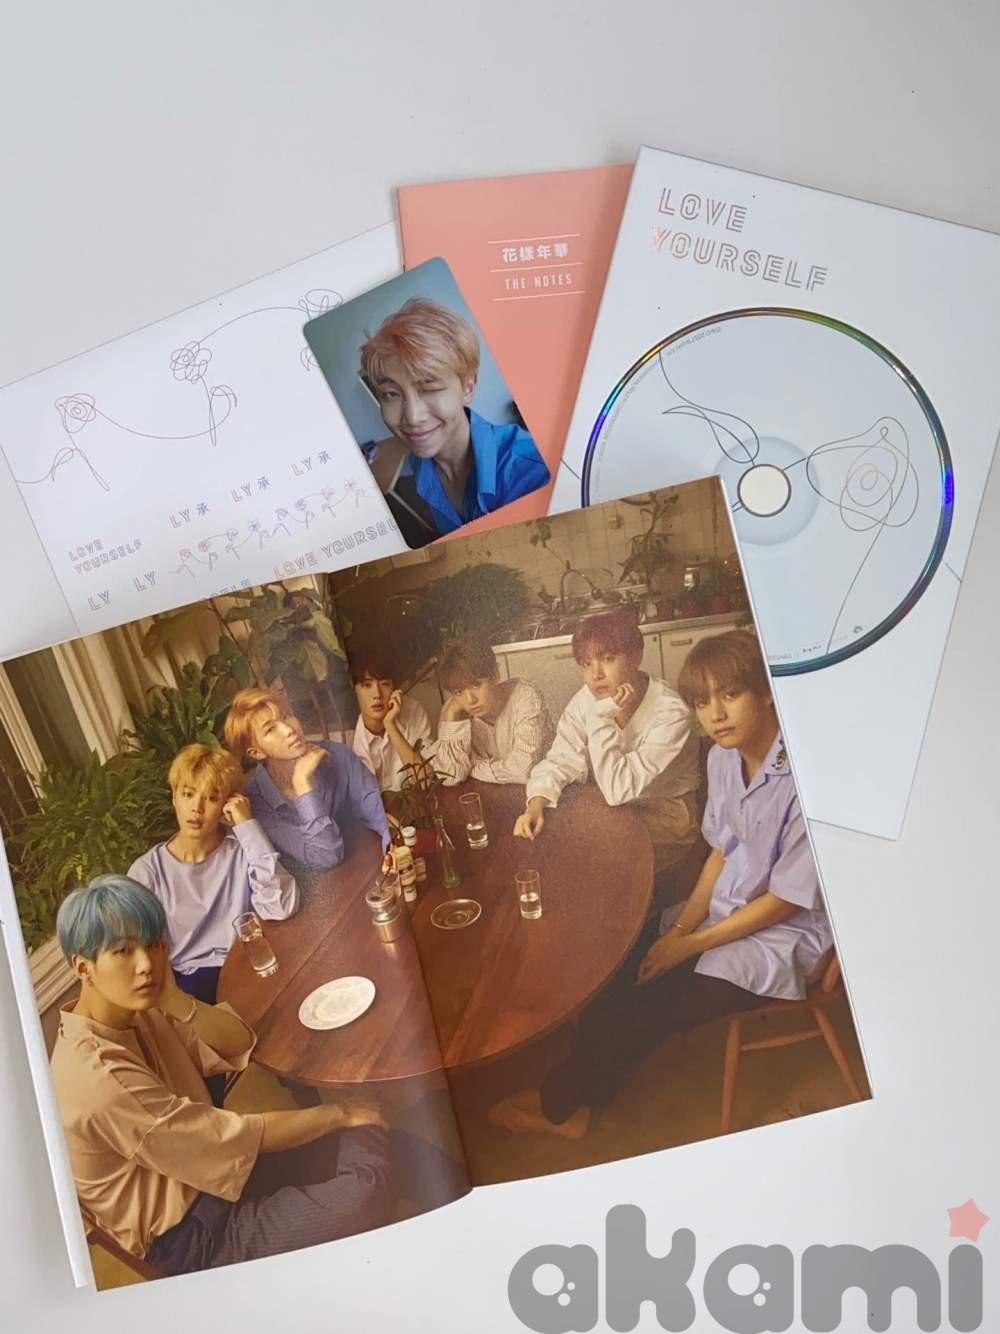 BTS LOVE YOURSELF официальный альбом at075 - 1